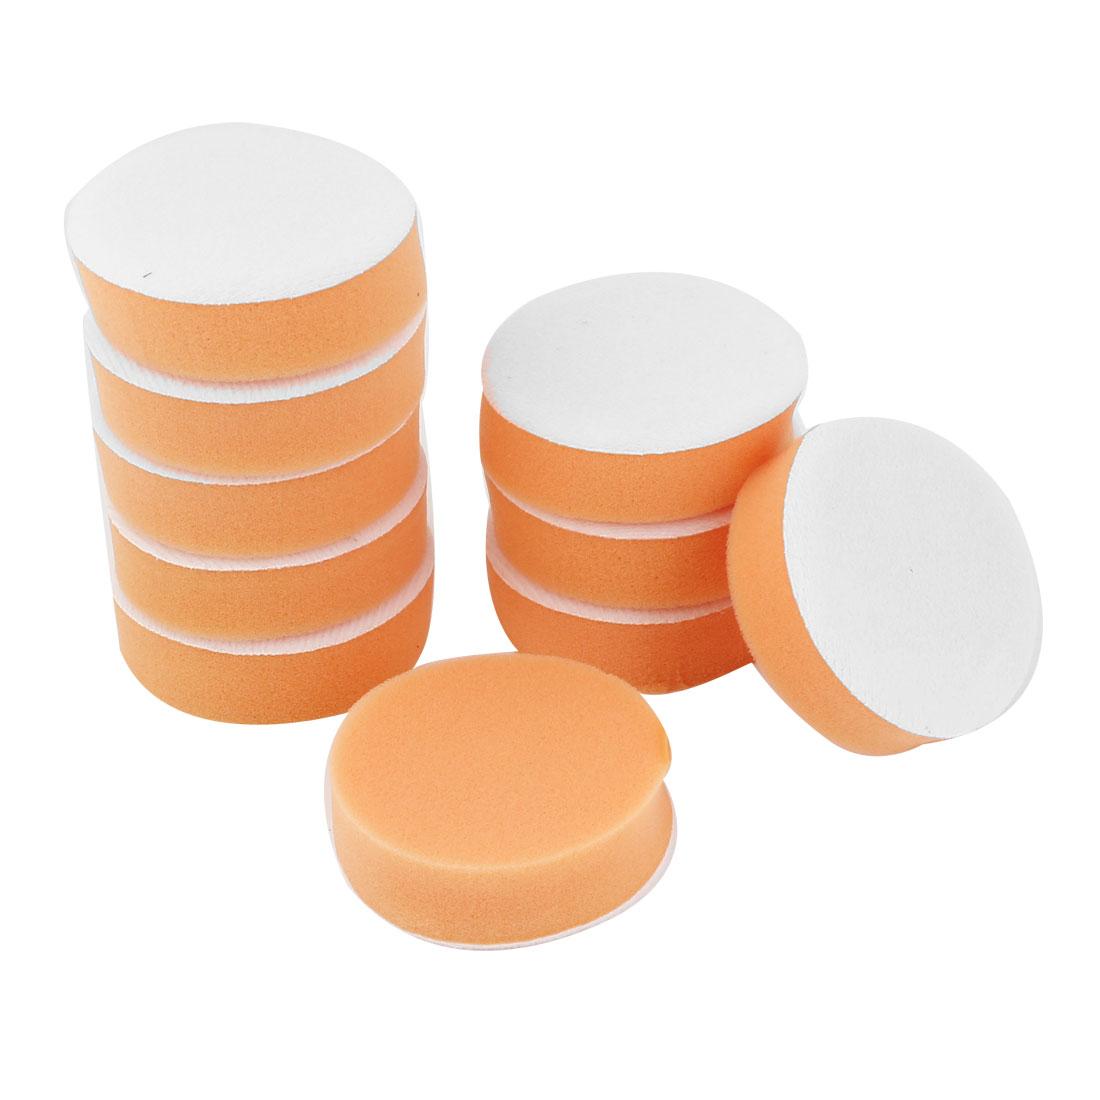 10PCS Orange Rounded Sponge Polisher Scourer Tool 7.5cm Dia for Car